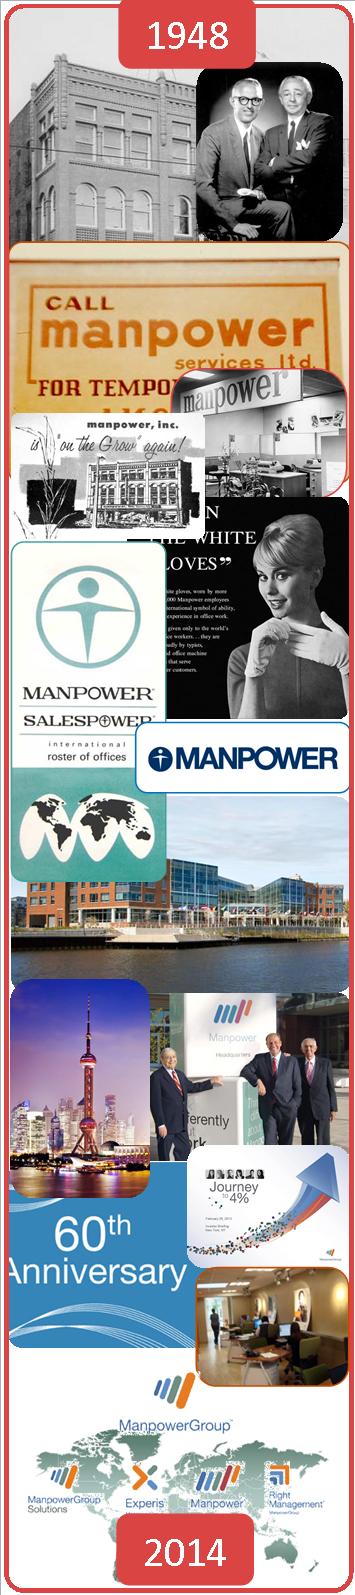 ManpowerGroup, spol. s r.o. - personální poradenství